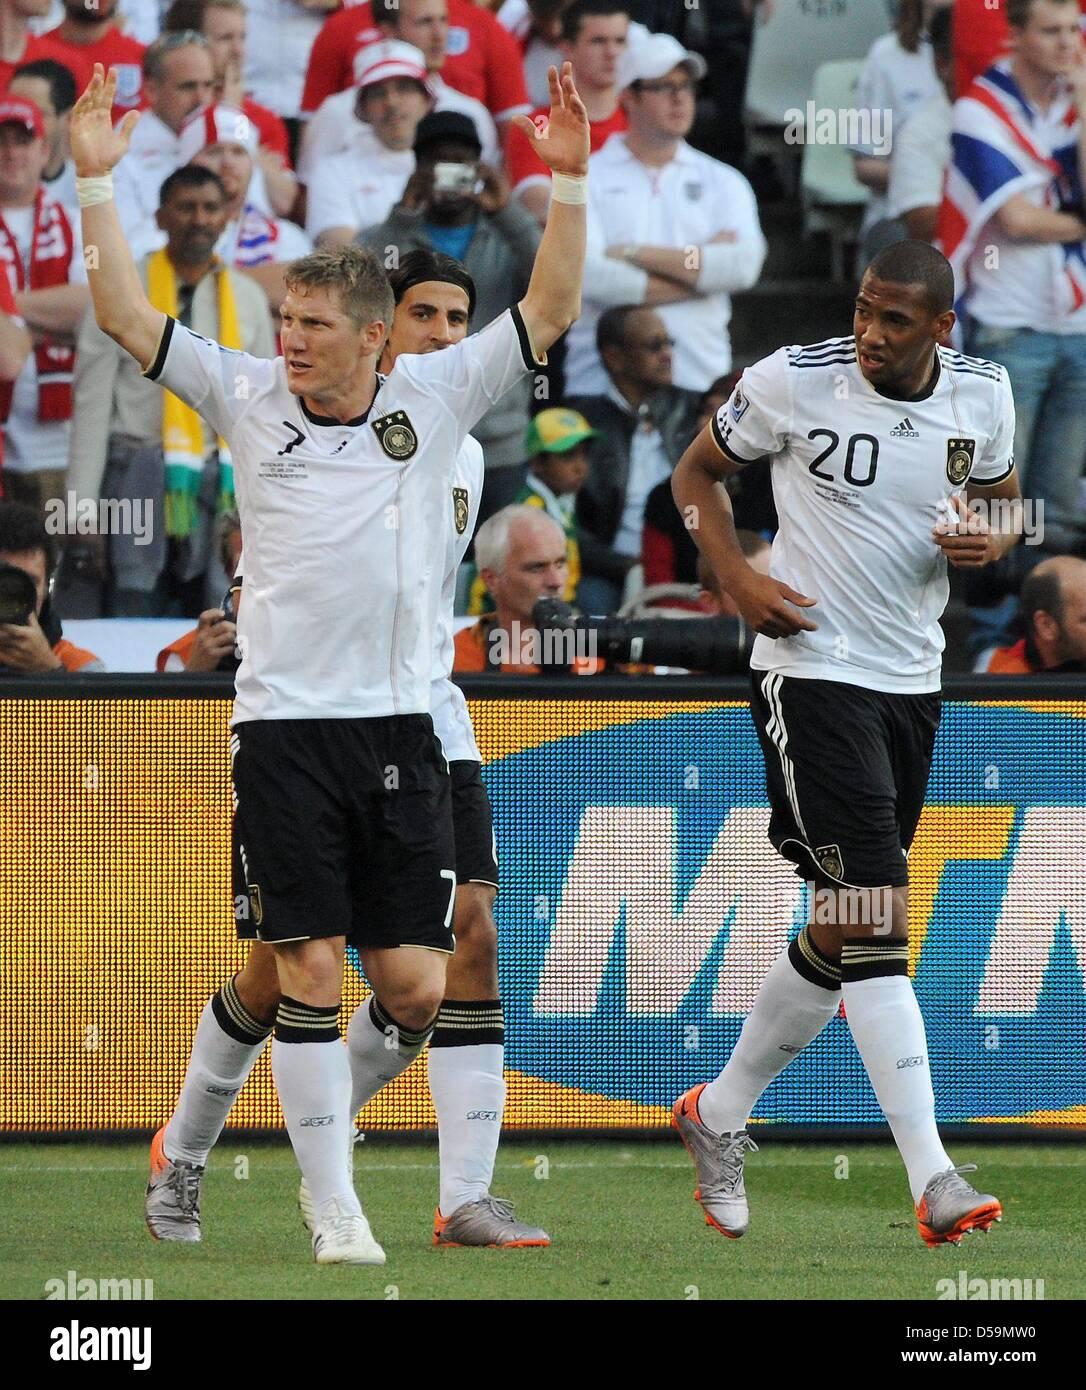 Jerome Boateng And Sami Khedira Stock Photos   Jerome Boateng And ... 64a1030a26254